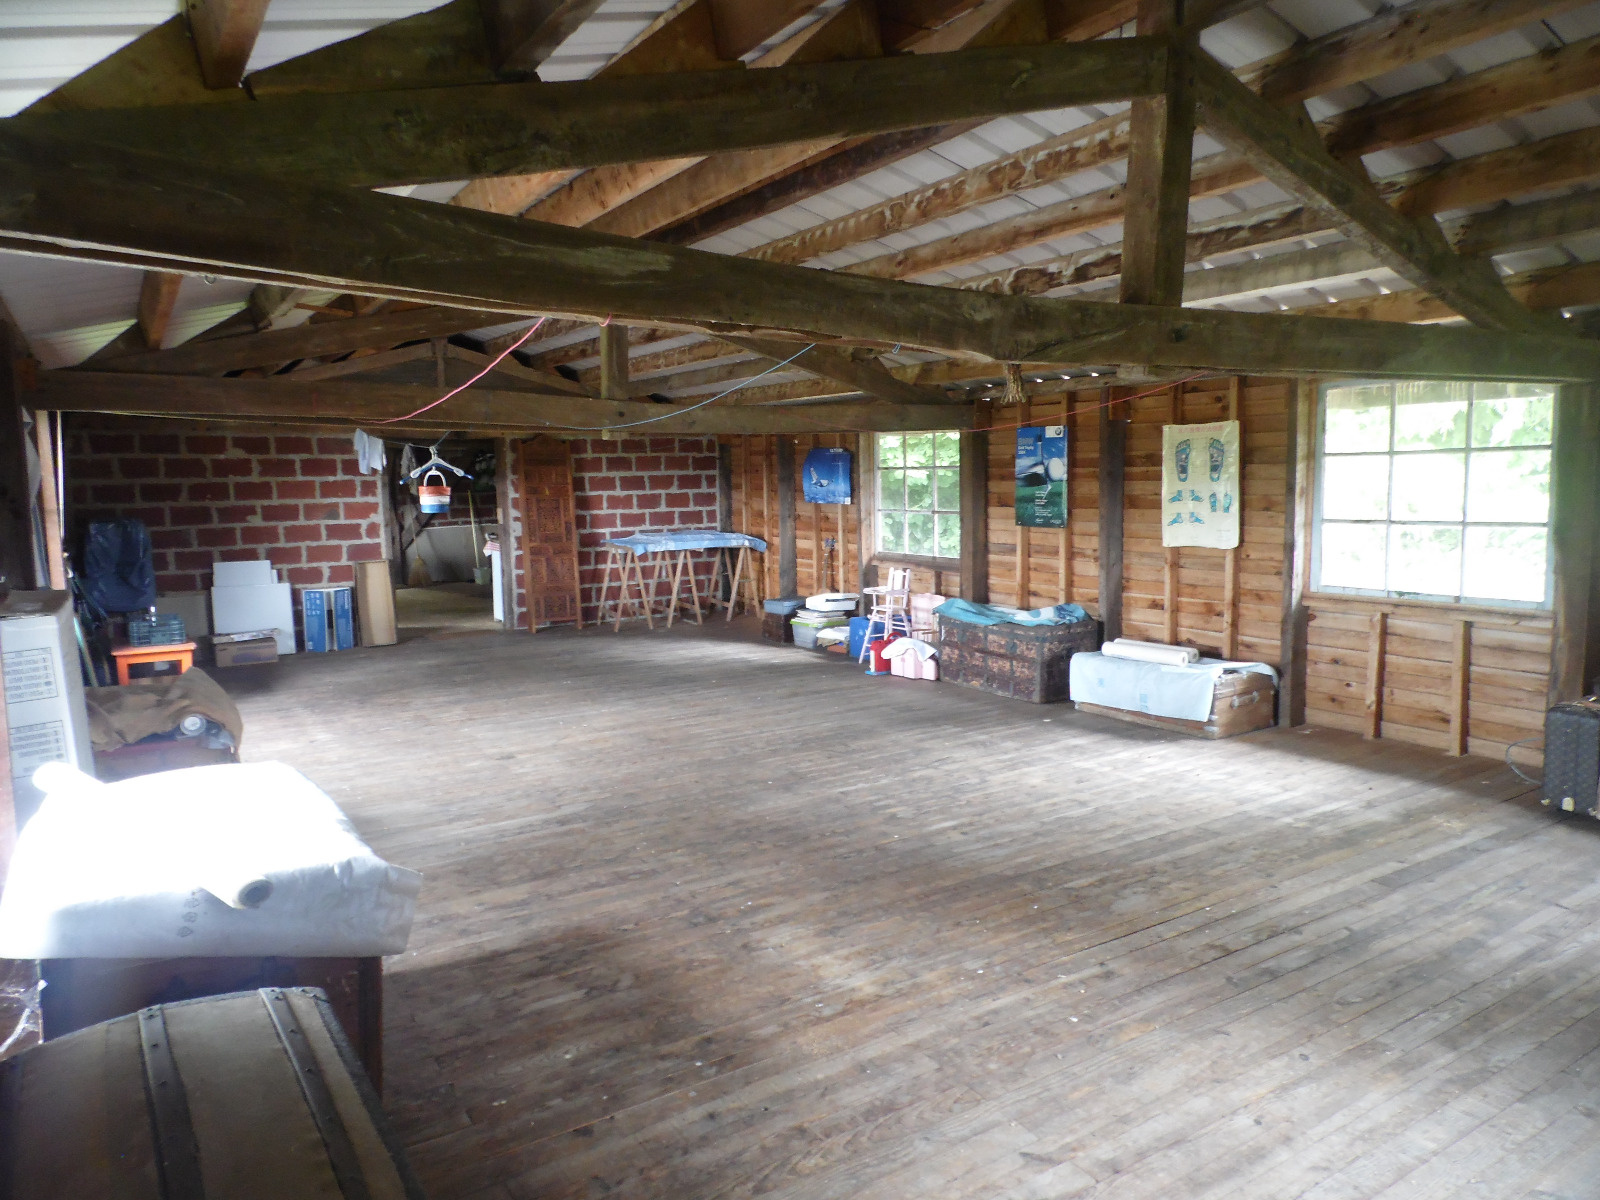 Vente a vendre maison de ma tre normande 3 chambres secteur marais vernier - Atelier menuiserie a vendre ...